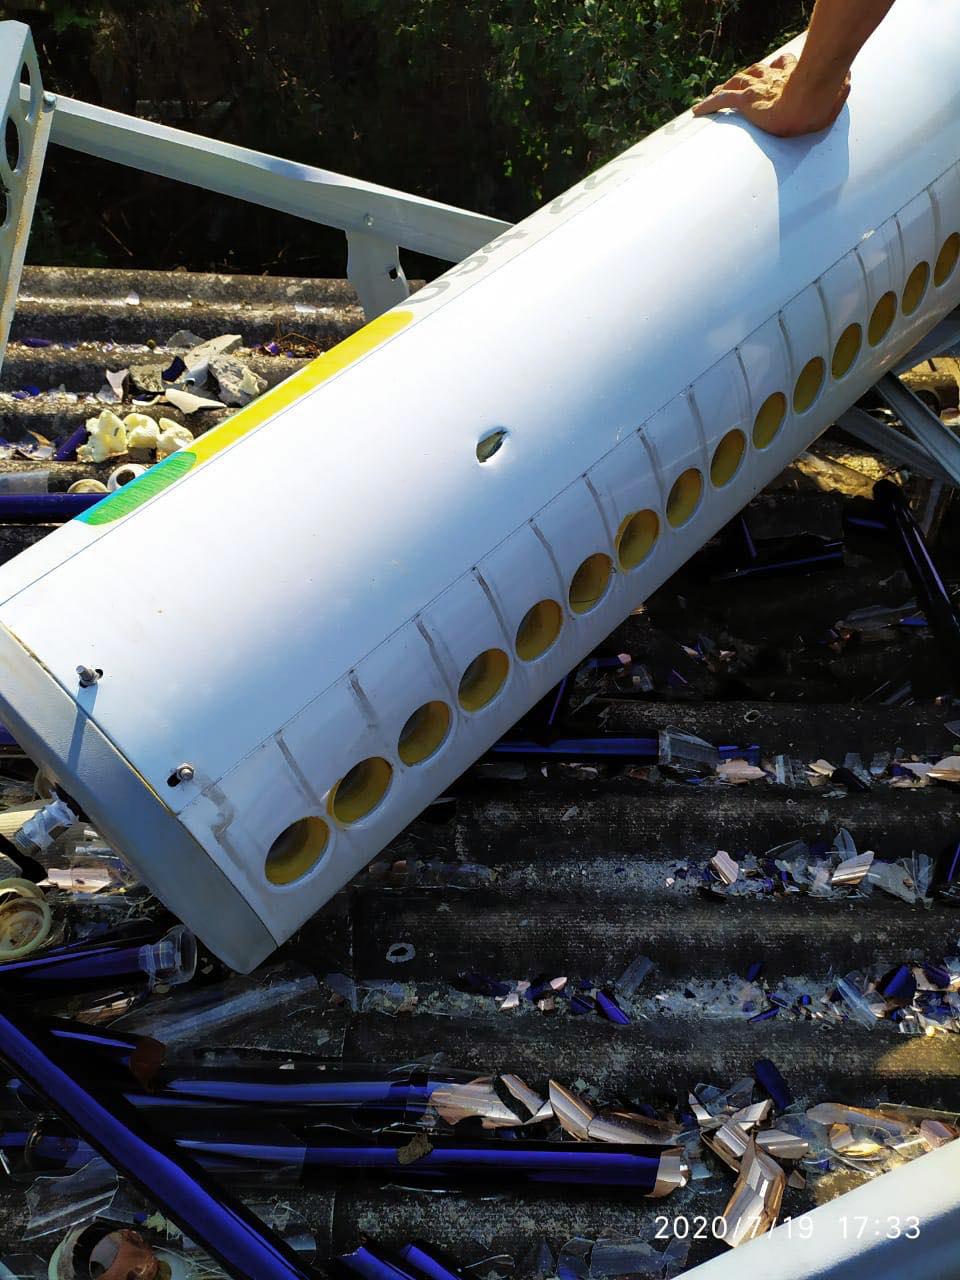 Տավուշում հակառակորդի ոտնձգության պատճառով վնասվել են 11 արևային ջրատաքացուցիչներ